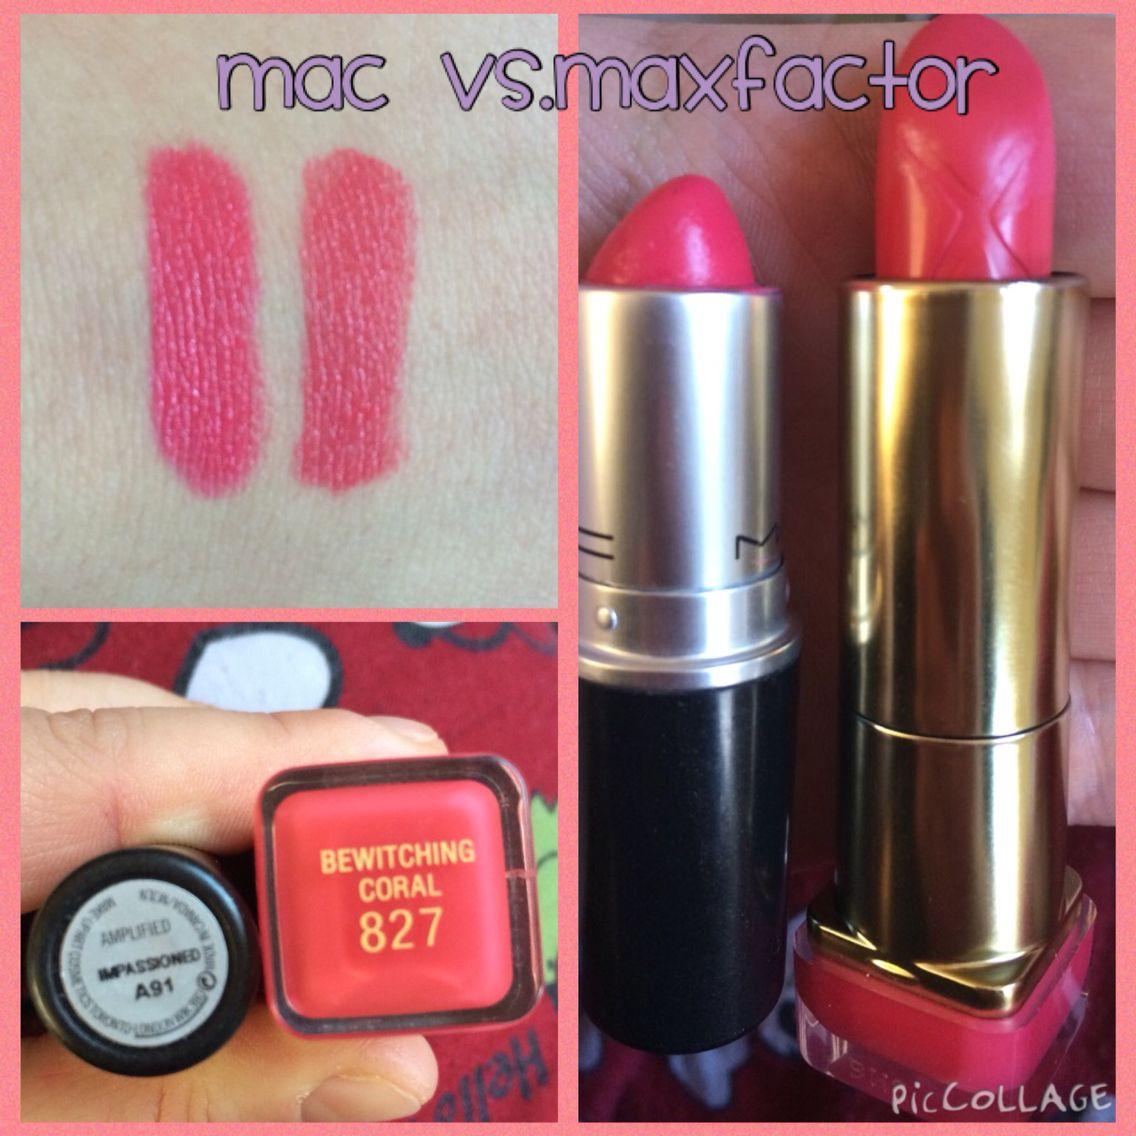 max factor 827